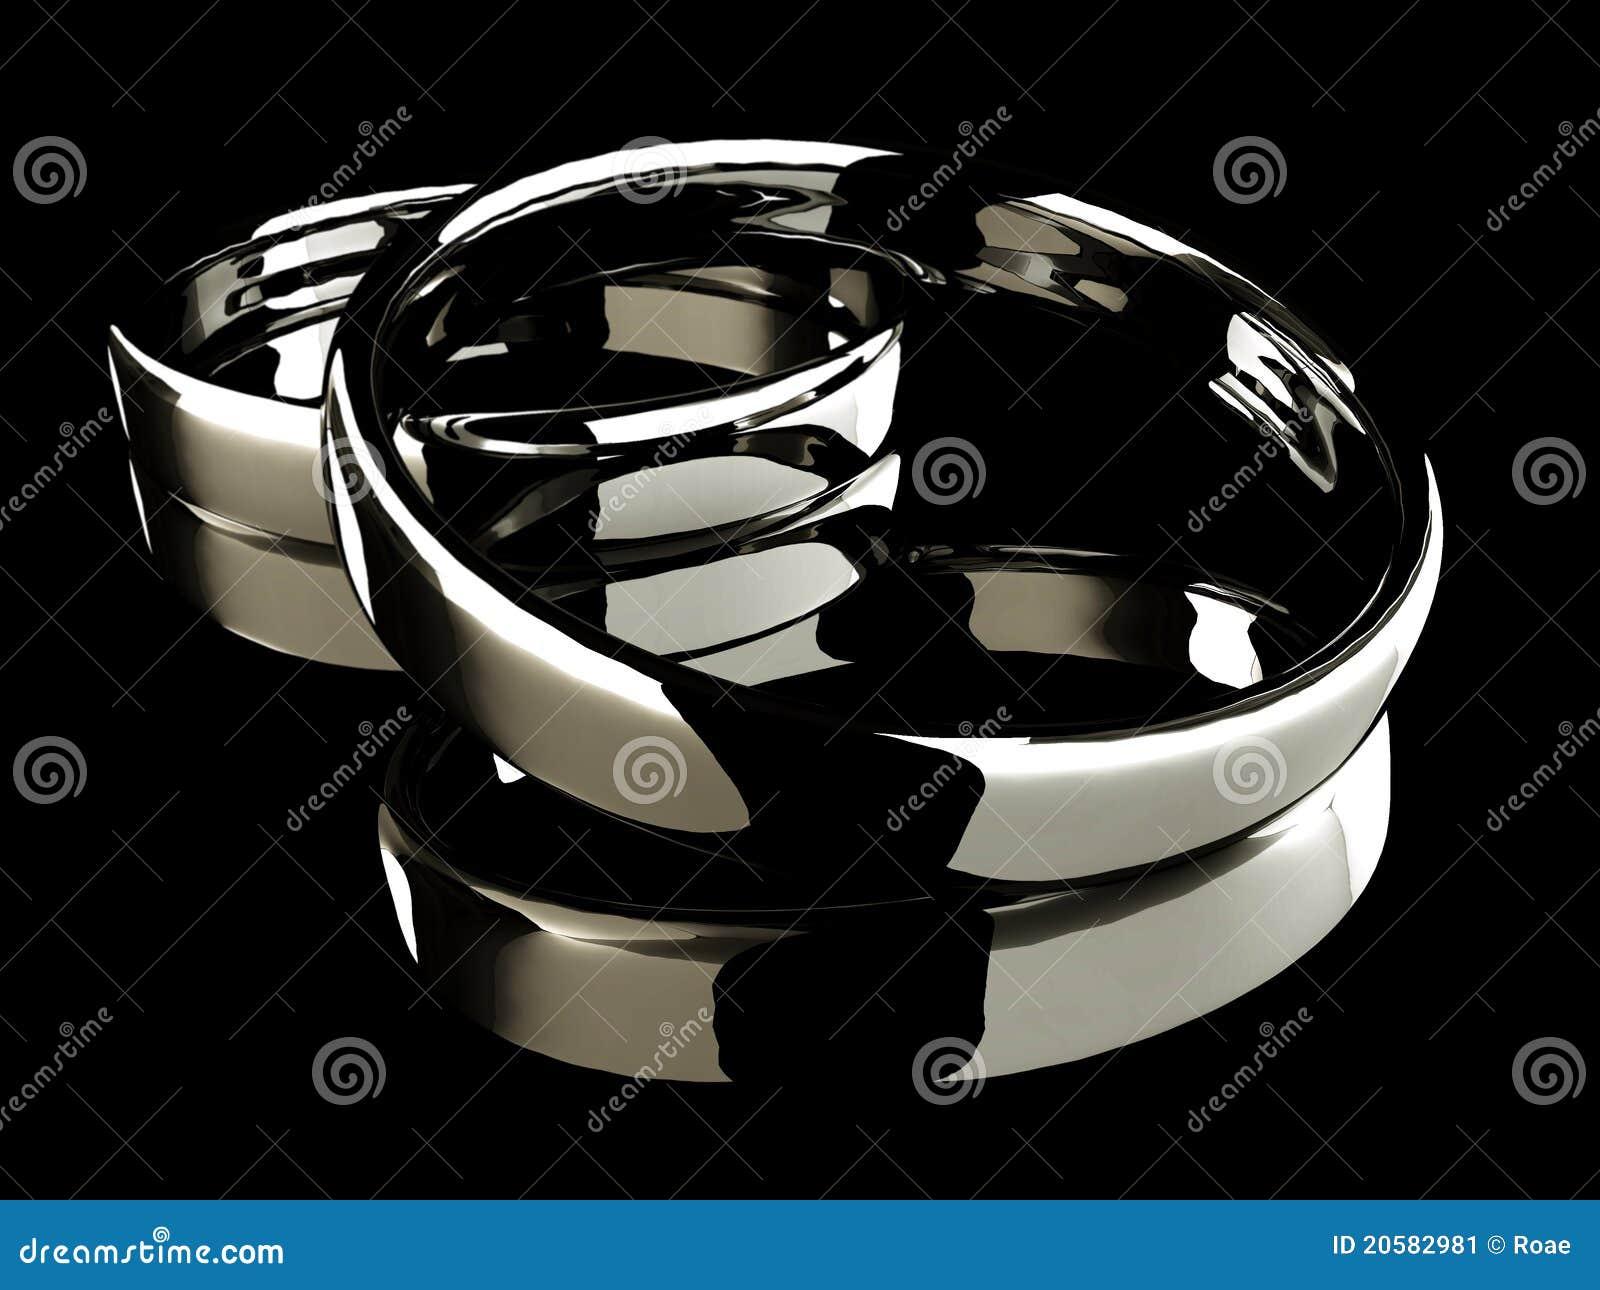 black wedding backgrounds - photo #22